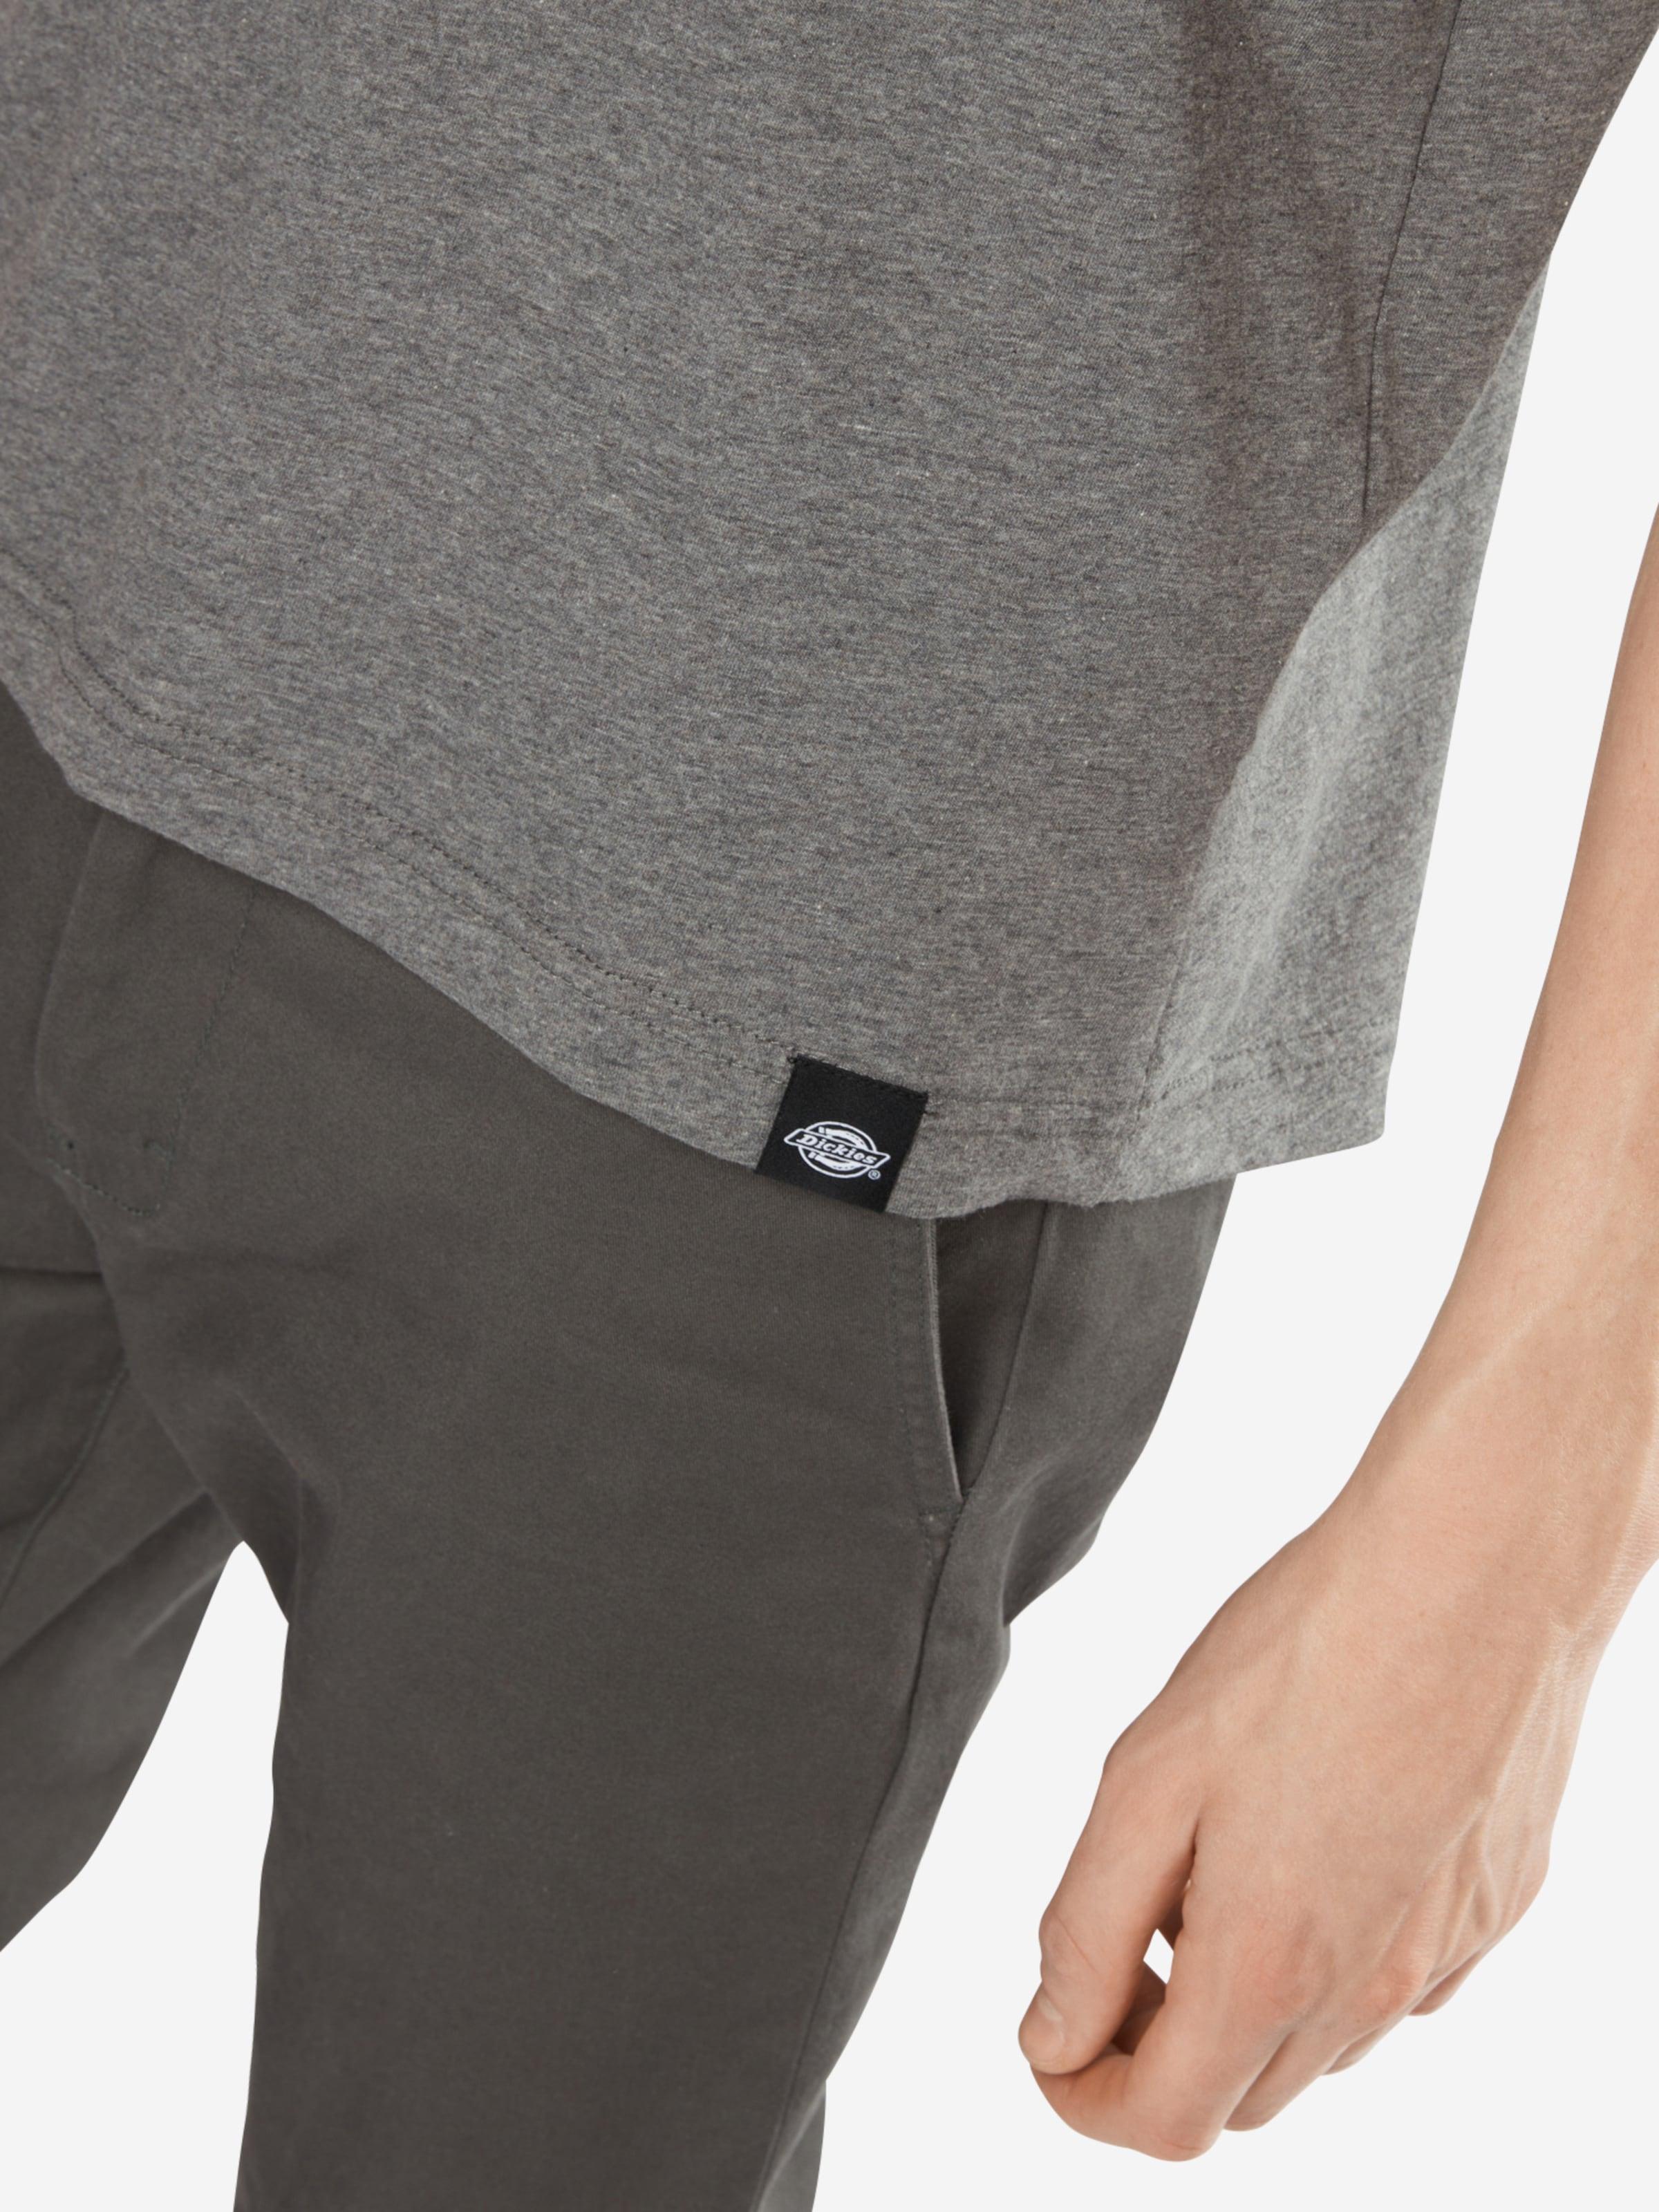 DICKIES T-Shirt im 3er Pack Rabatt Footlocker Bilder Verkaufsqualität Freies Verschiffen Offiziell Hbm5Y6x